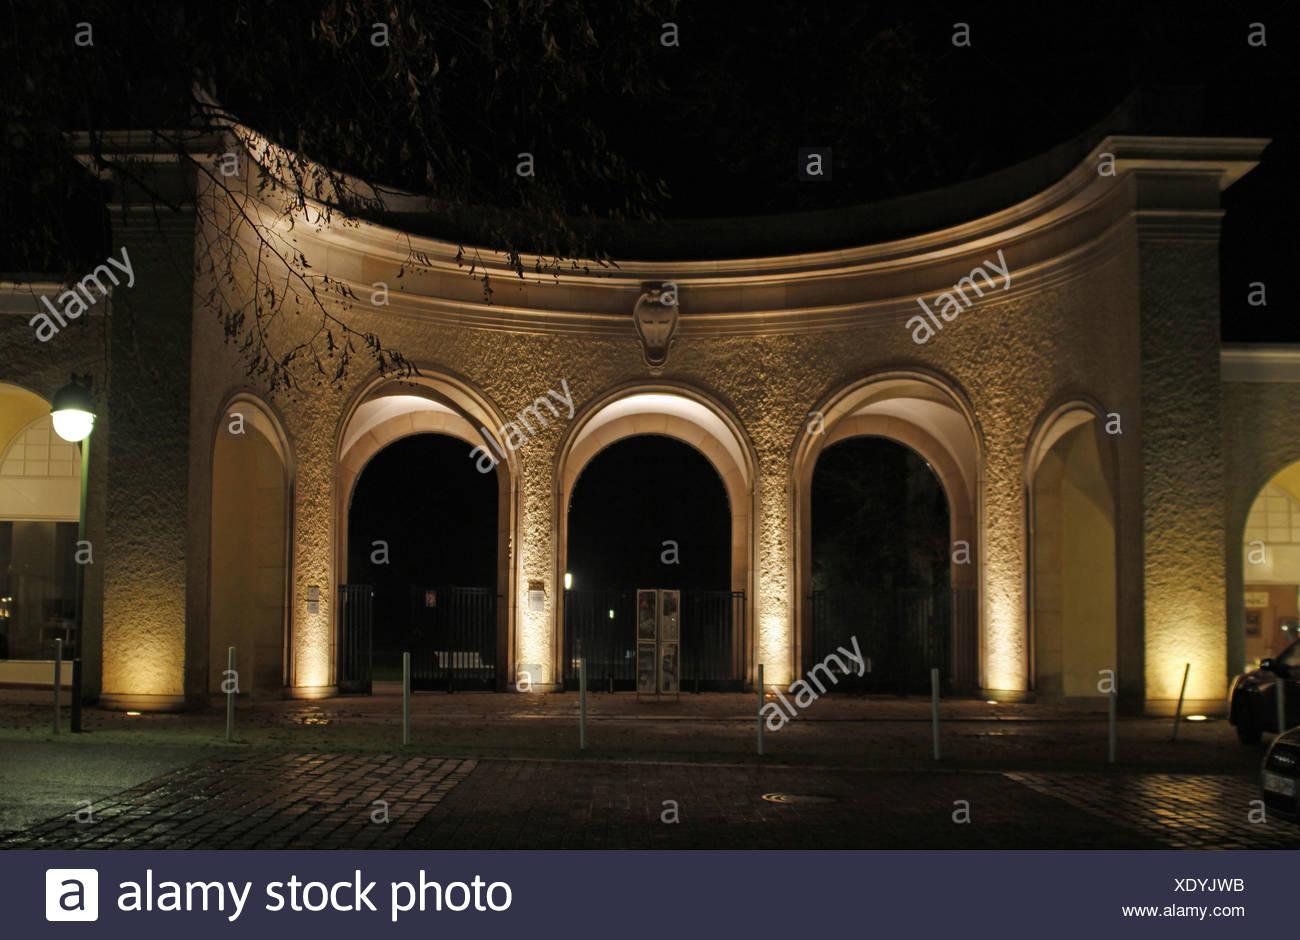 Parc, objectif, passage, gate, archgway, bras, jardins du spa, d'une entrée privée, parc, Banque D'Images